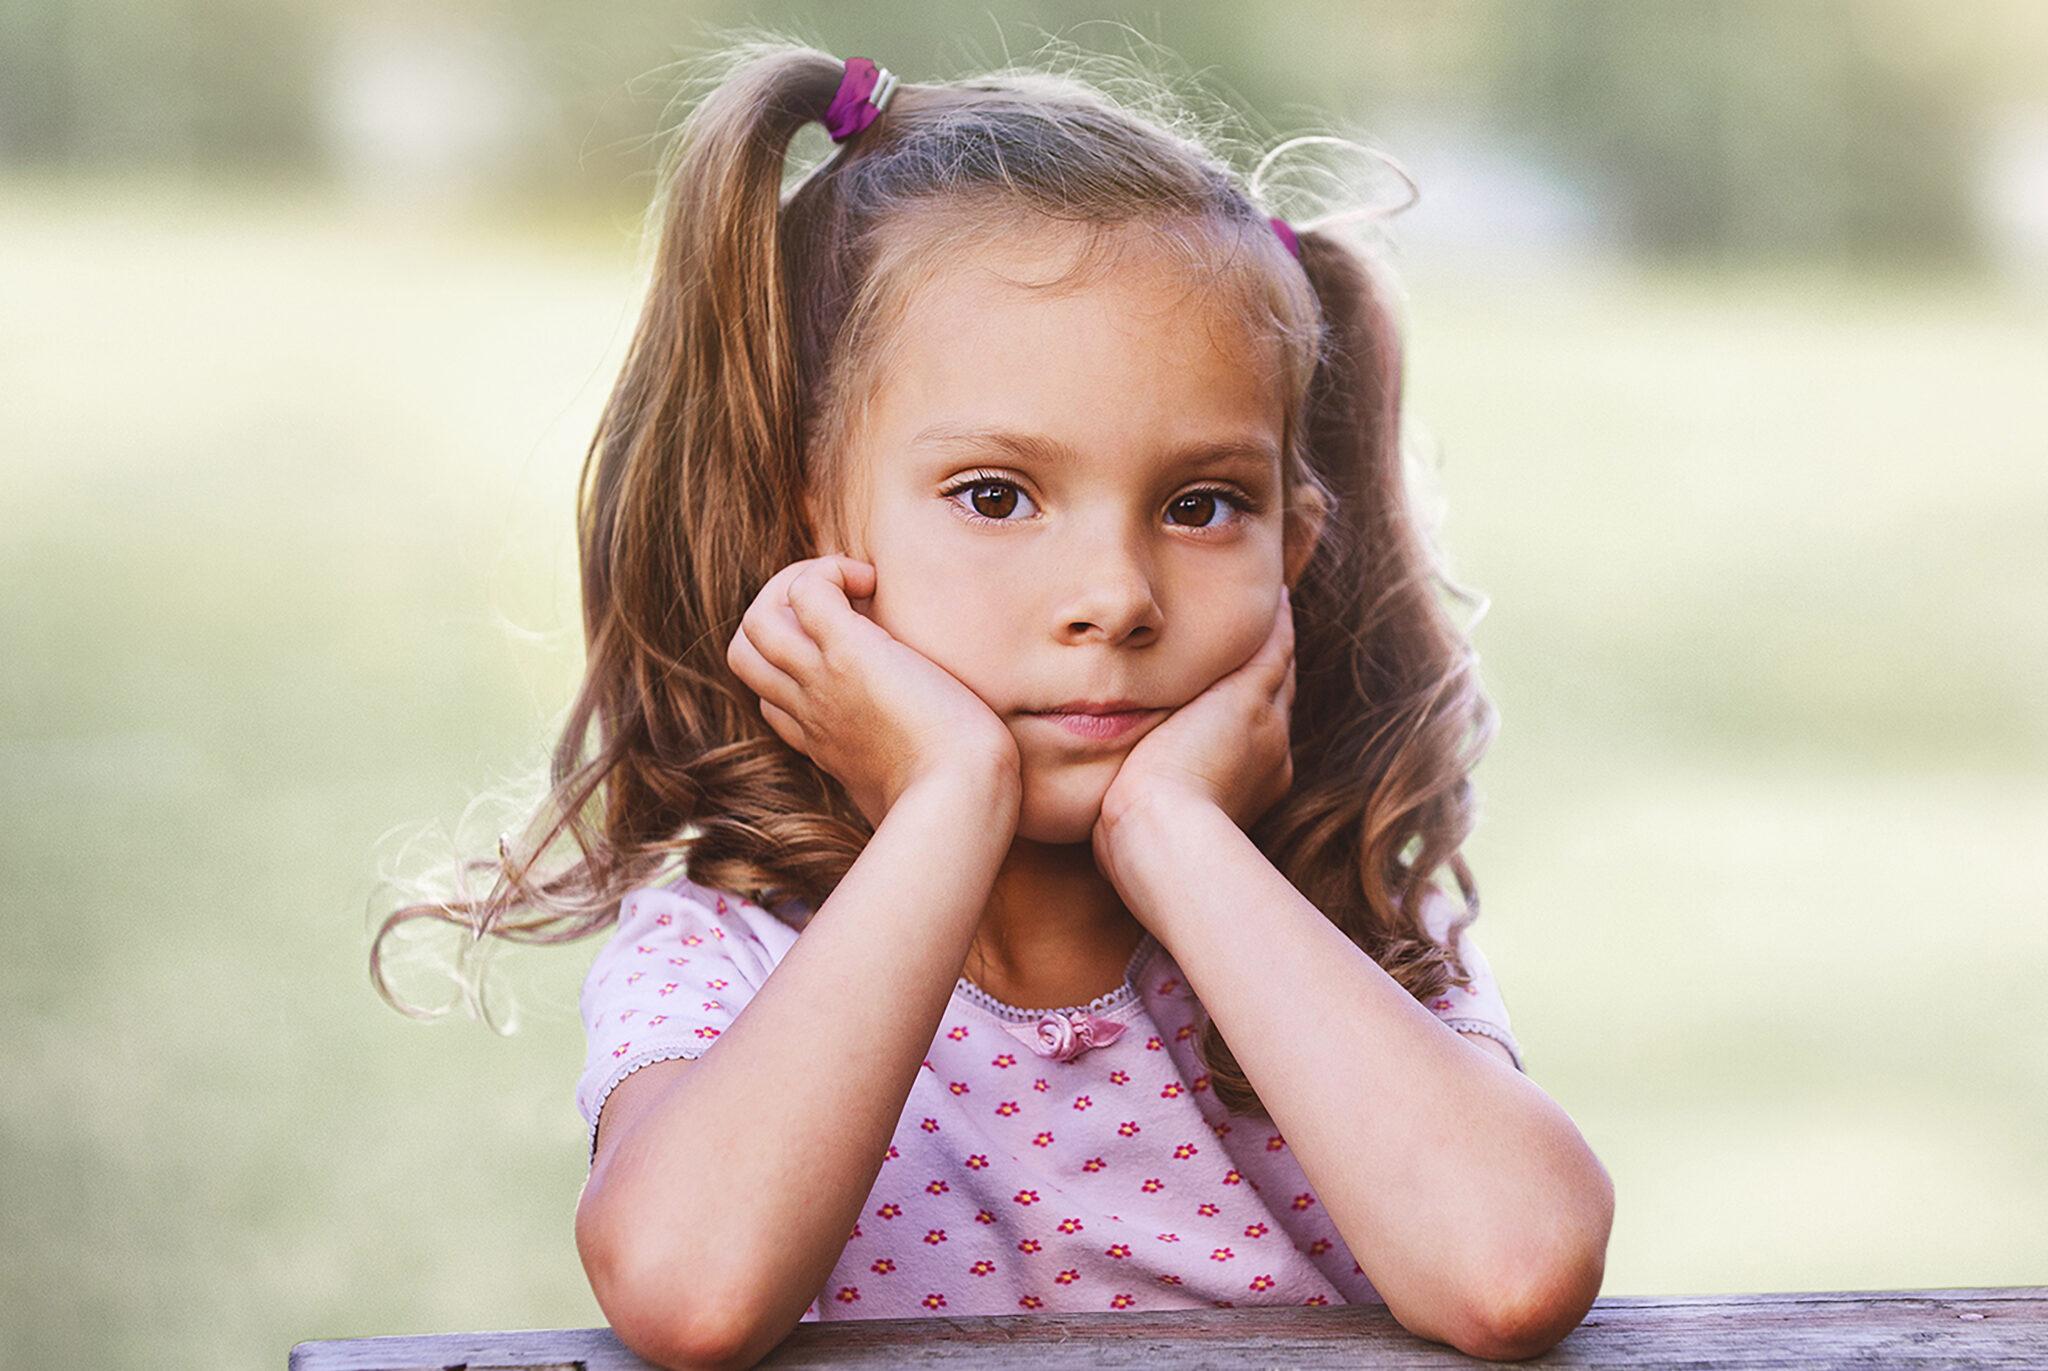 Meerkansenbrood van ALDI steunt kansarme kinderen